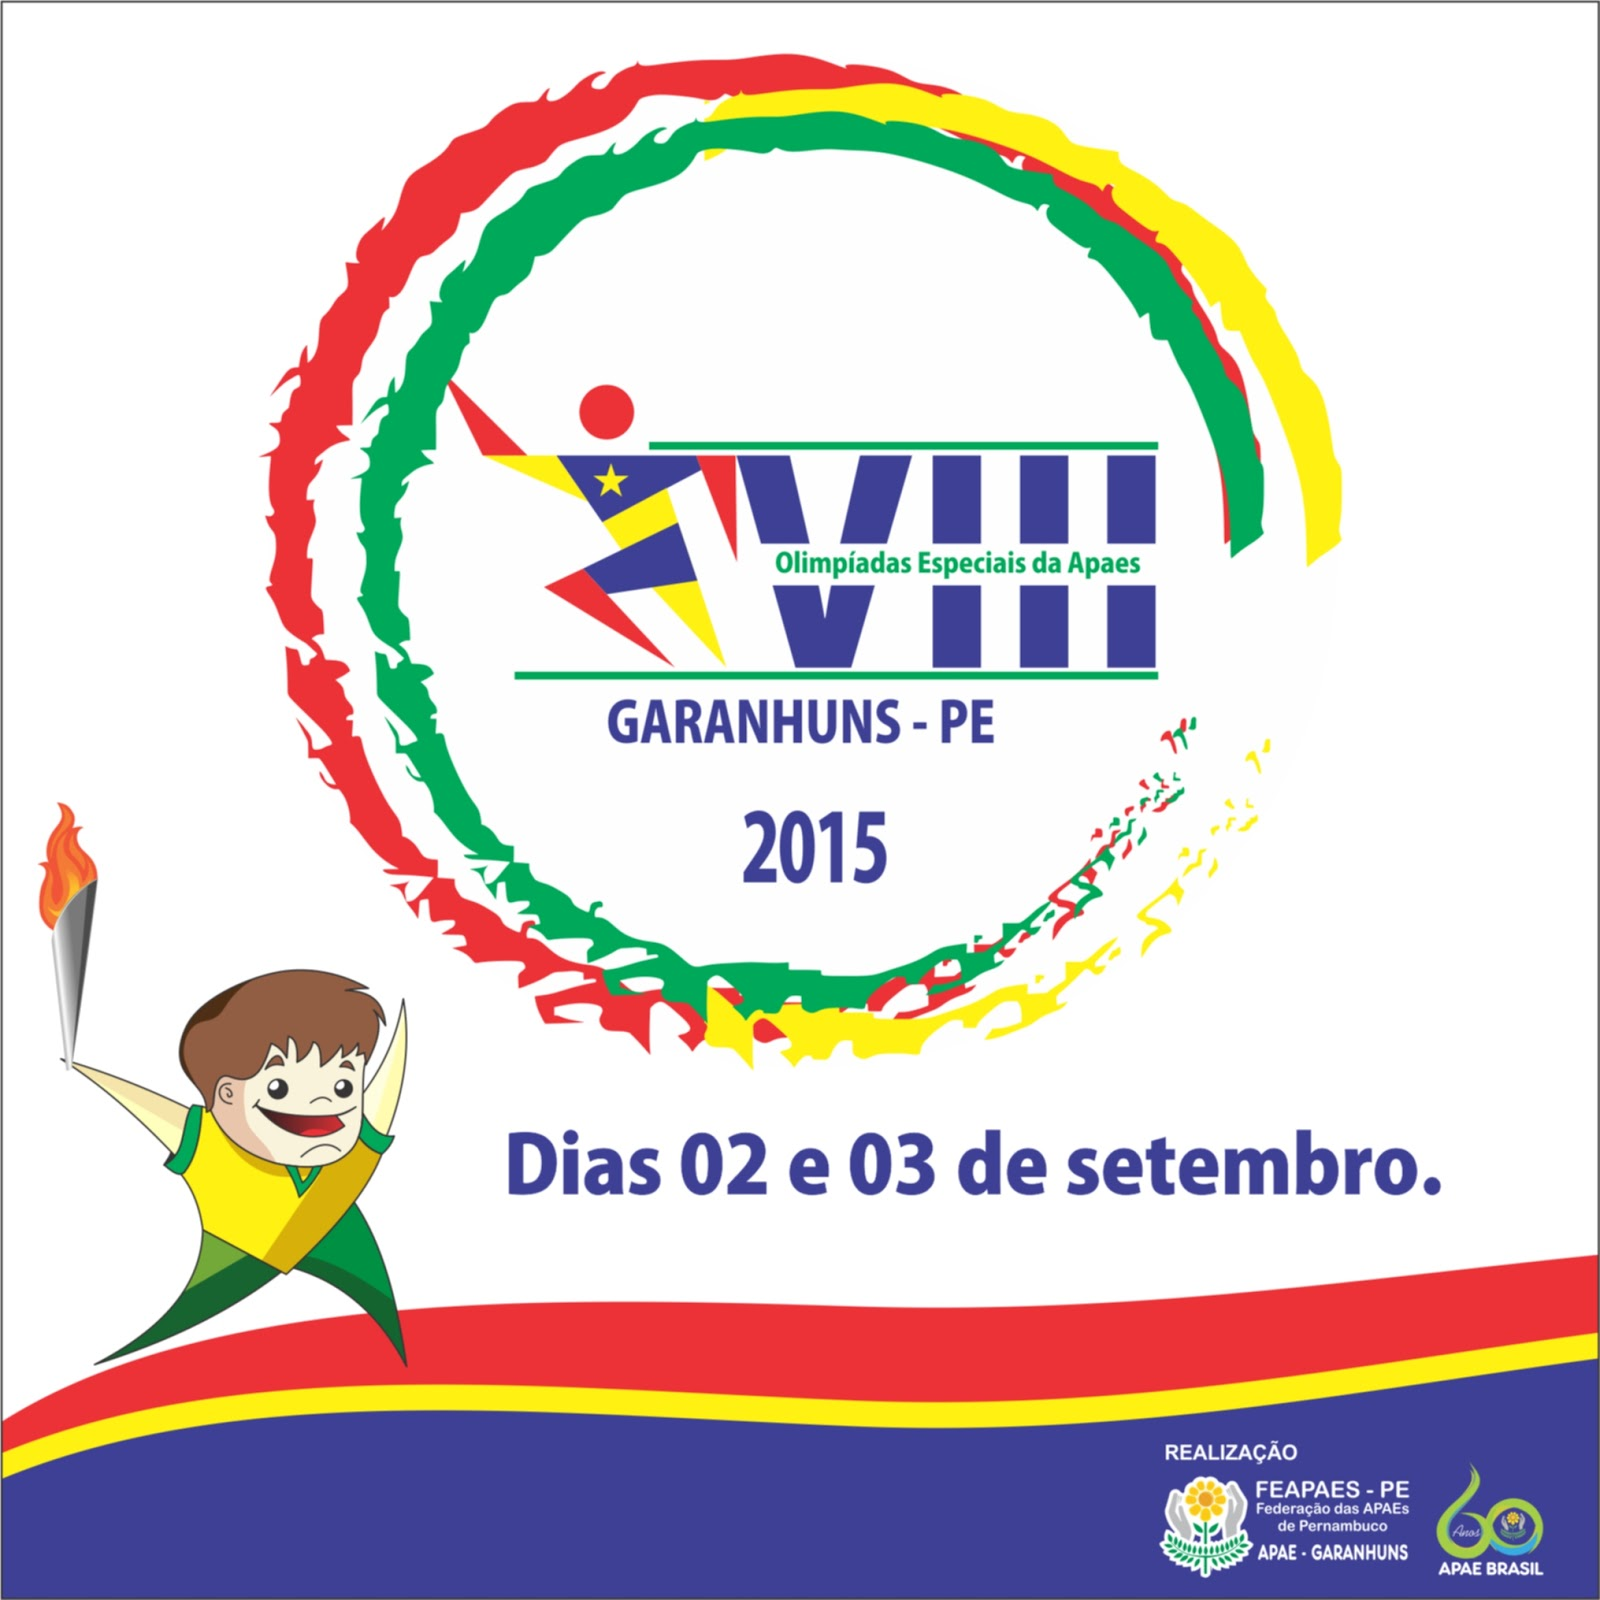 7746ebaf35 A Federação das Apaes de Pernambuco promove nos dias 02 e 03 de Setembro a  VIII Edição das Olímpiadas Especiais das Apaes